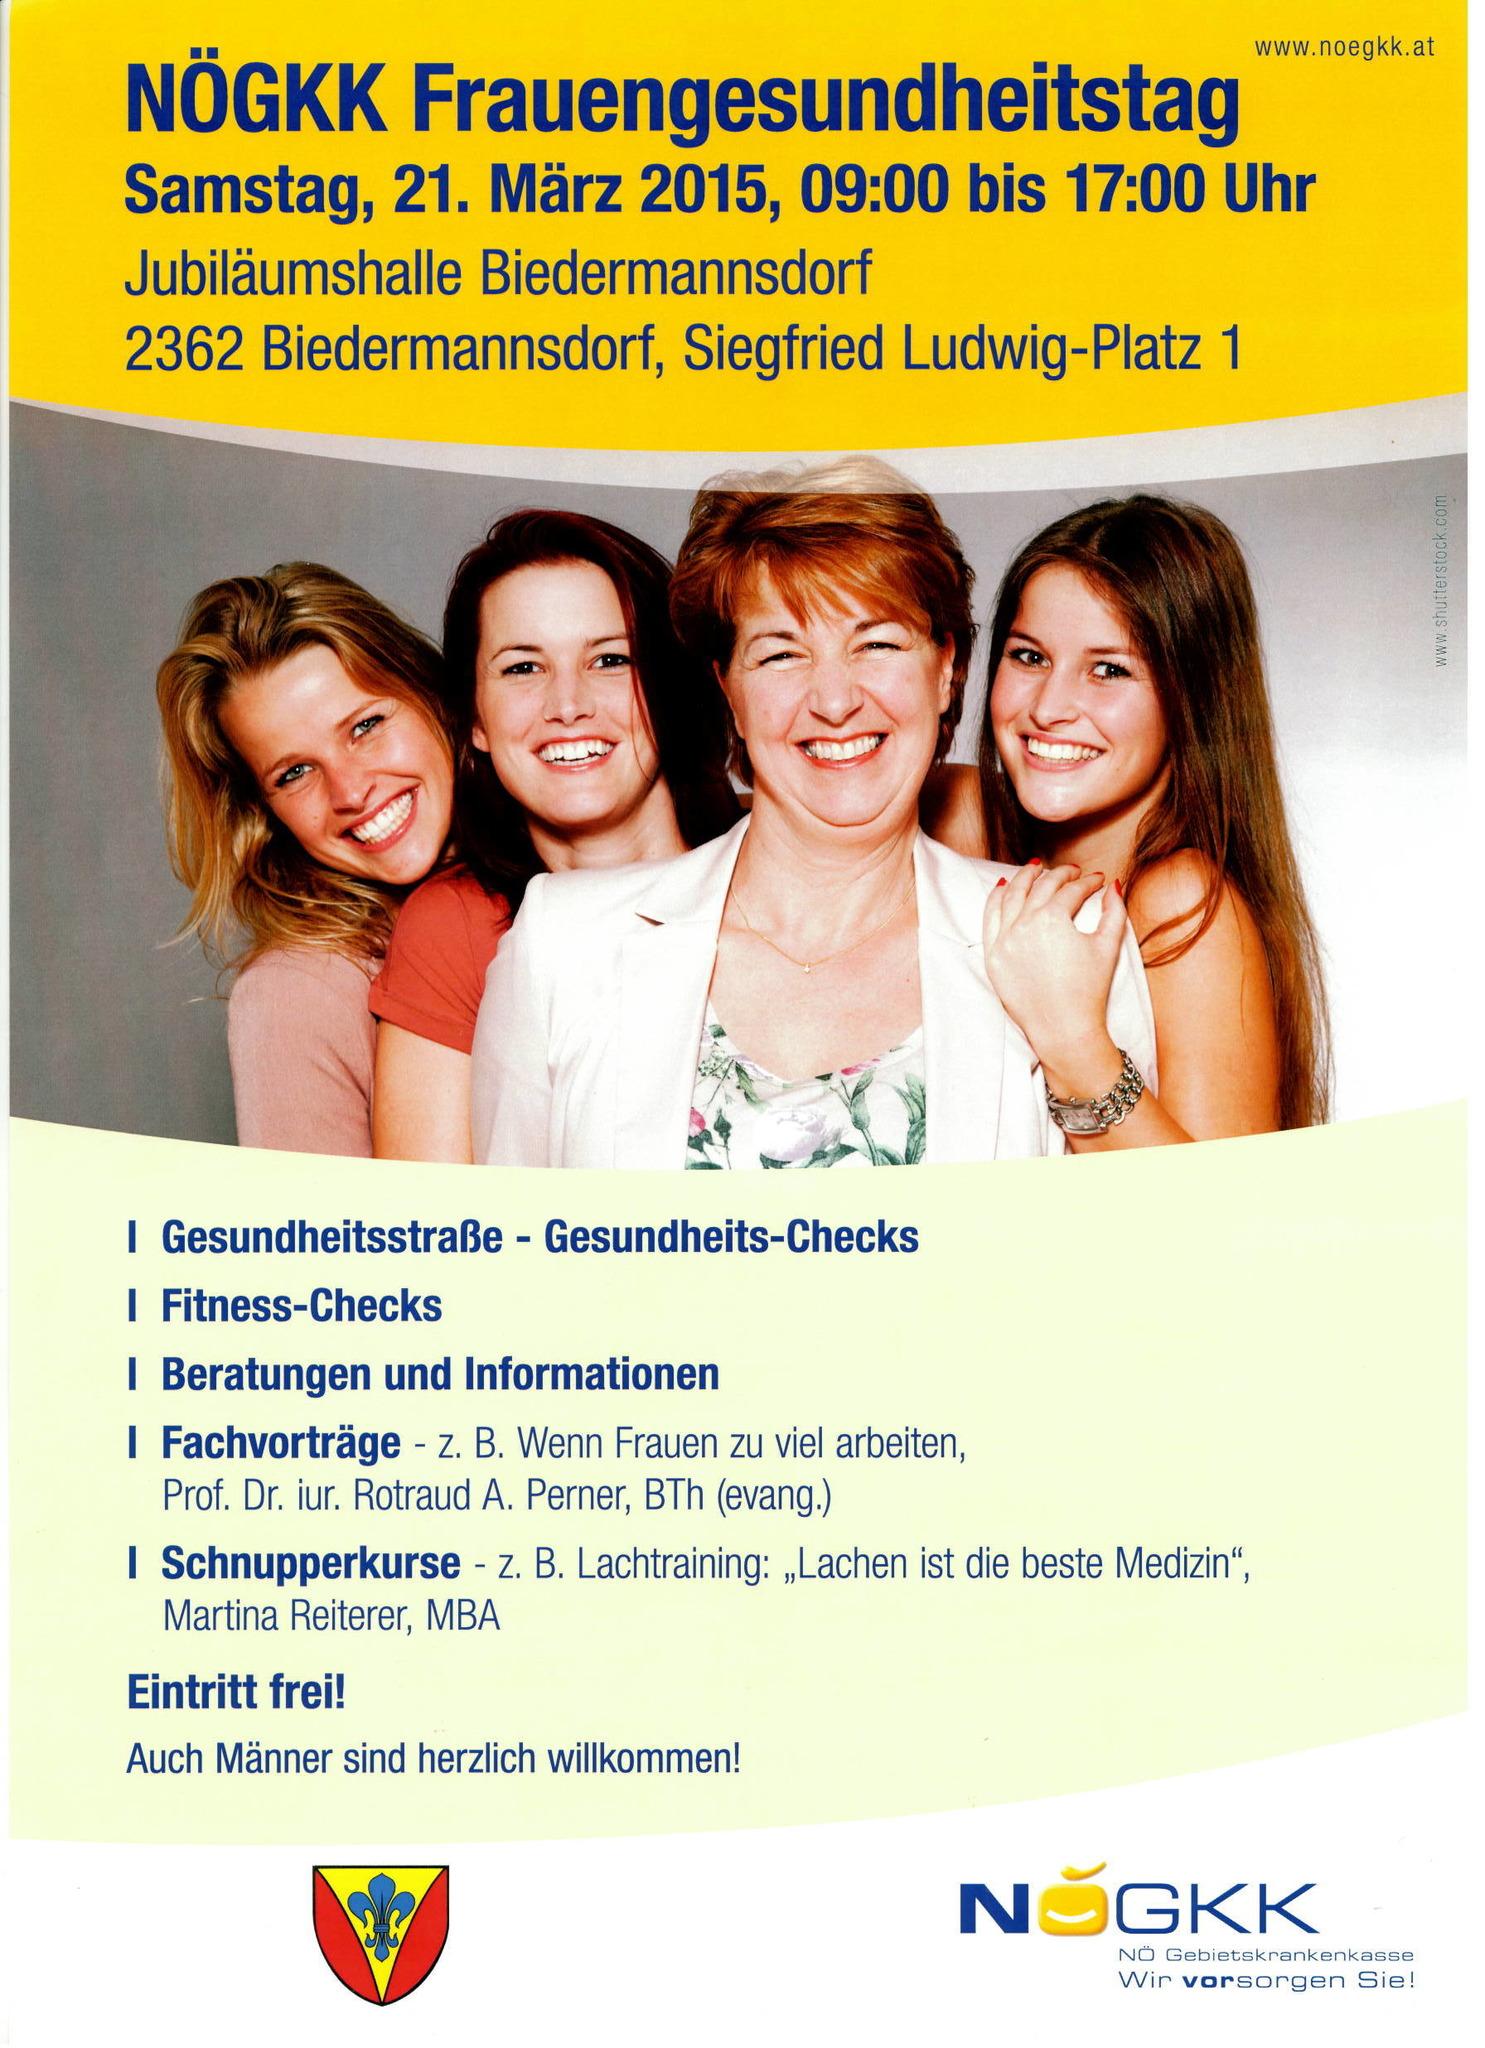 sie sucht in in Biedermannsdorf - Erotik & Sex